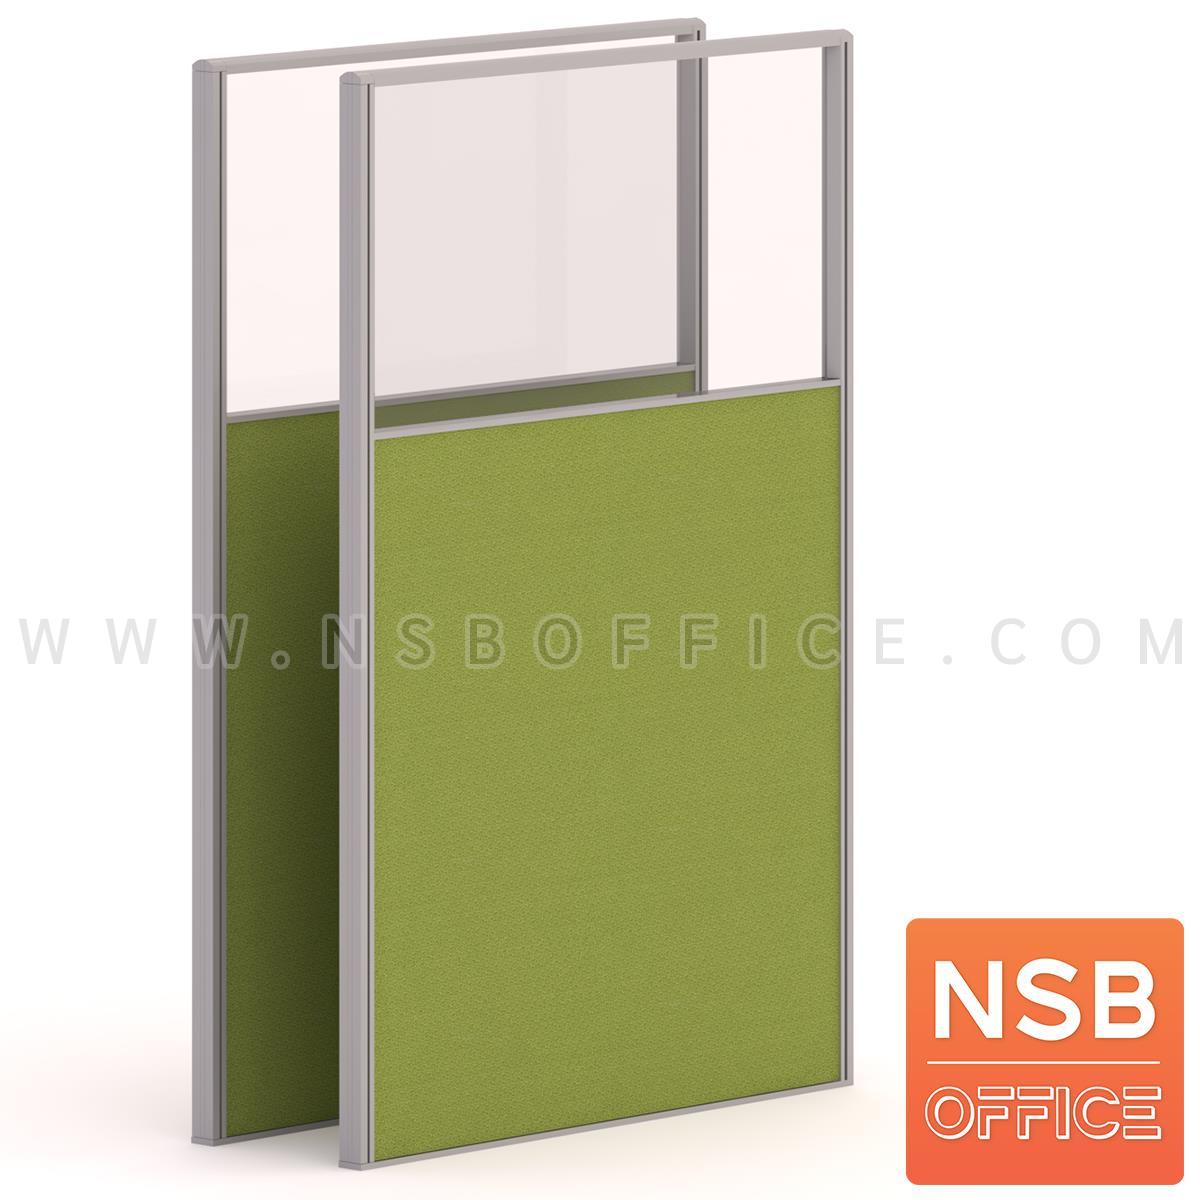 P01A076:พาร์ทิชั่นแบบครึ่งทึบครึ่งกระจกใส รุ่น NSB SERIES 4 สูง 156 ซม. พร้อมเสาเริ่ม